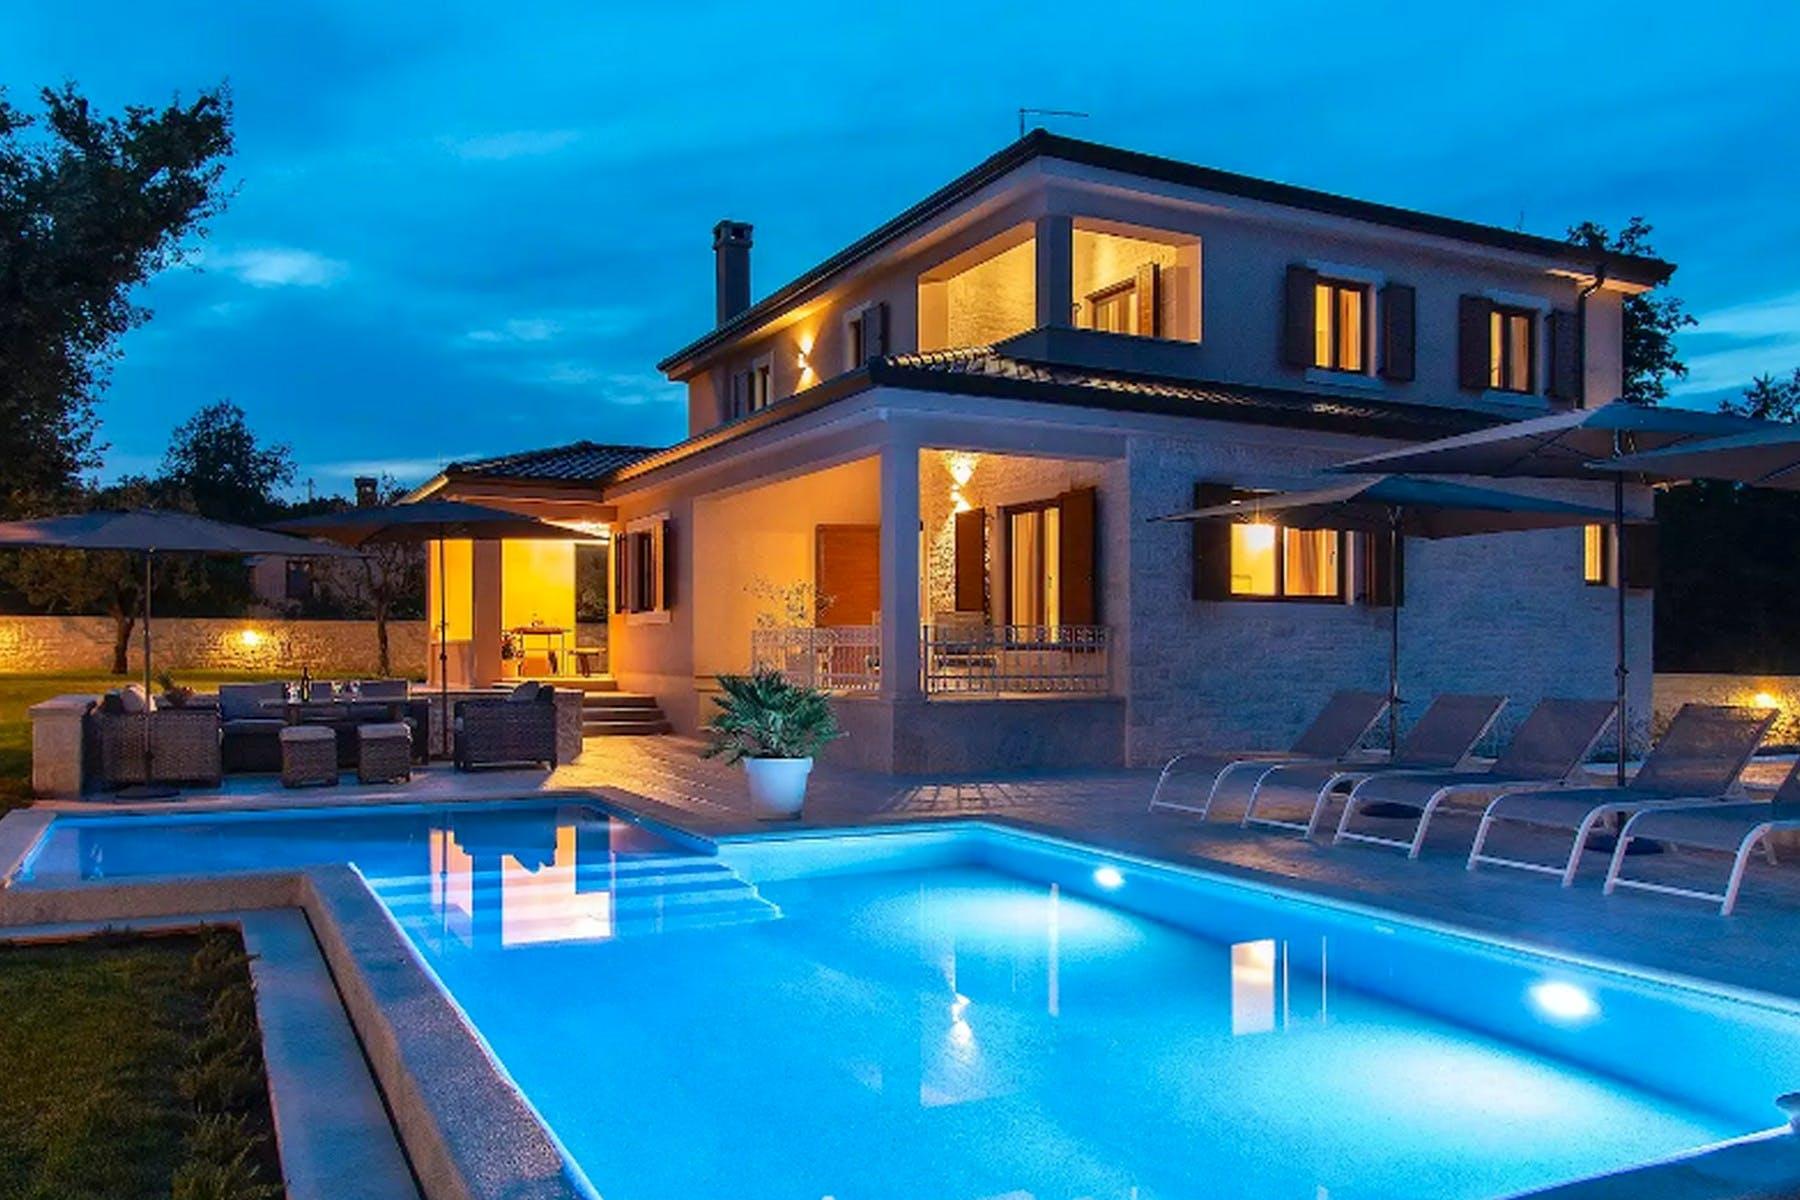 Night ambiance of the villa